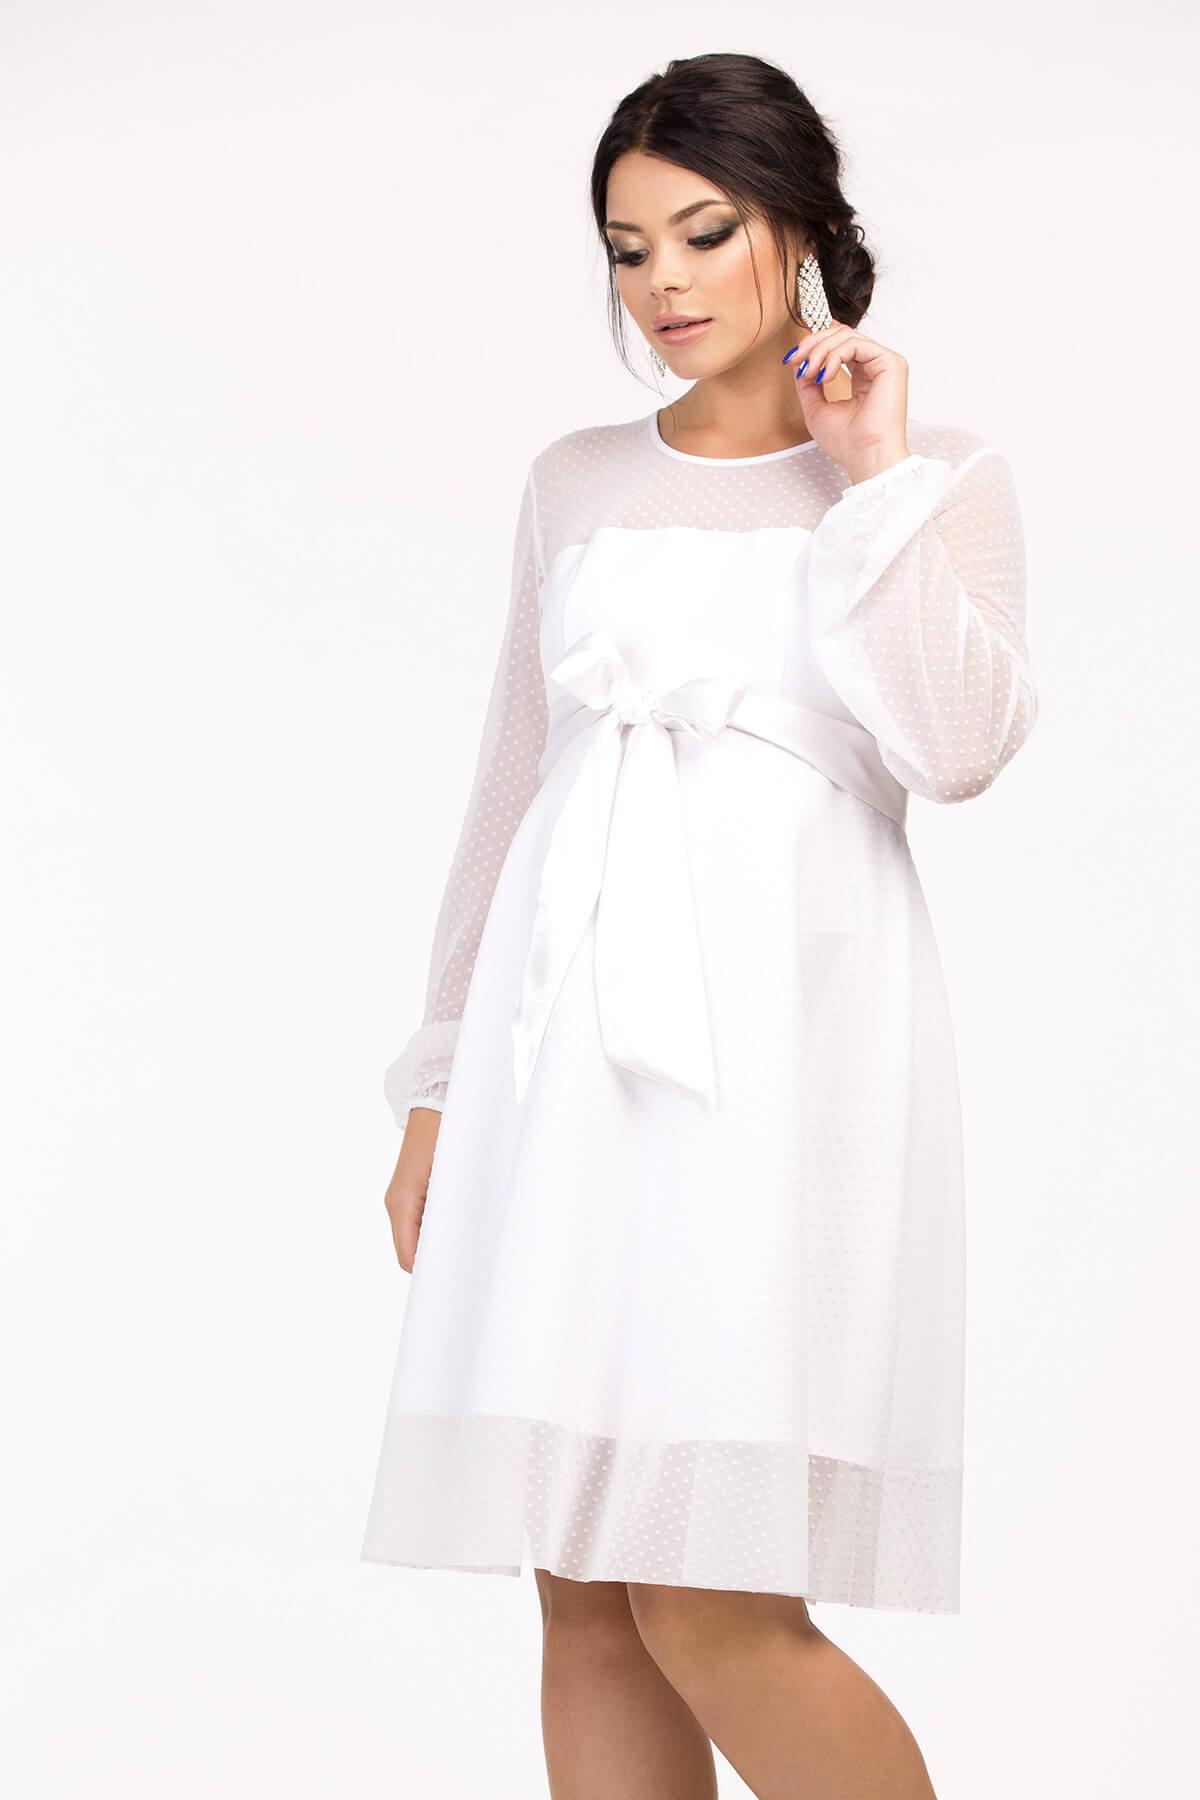 ec0254bd7de531c Коллекция «Свадебные платья для беременных» пользователя happy-moms.ru в  Яндекс.Коллекциях